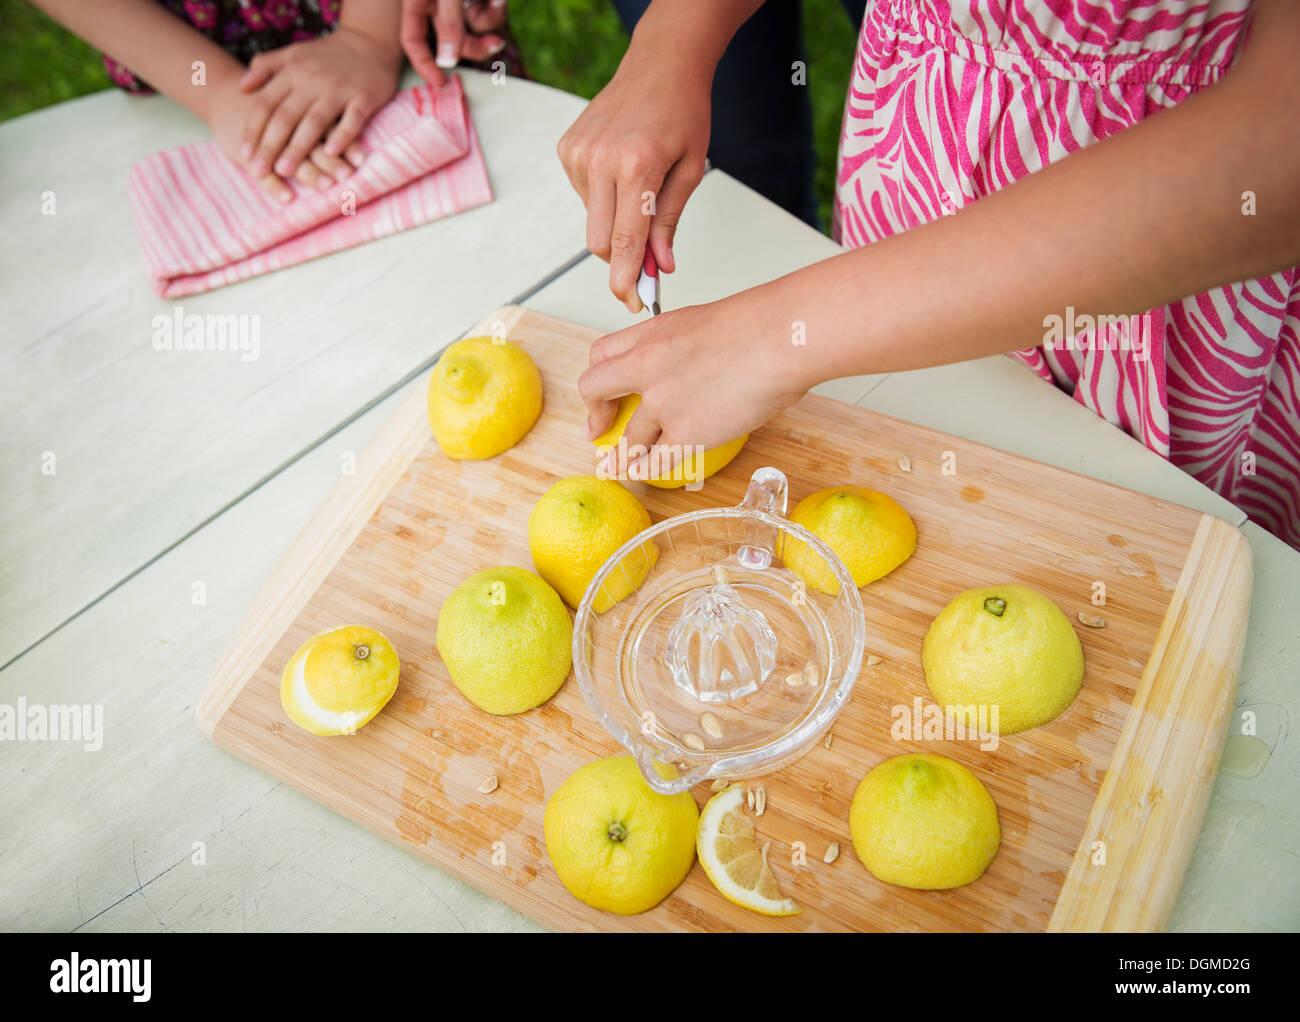 Un estate incontro di famiglia in una fattoria. Un tavolo tagliere. Un bambino il taglio di limoni e di spremitura per la limonata. Immagini Stock